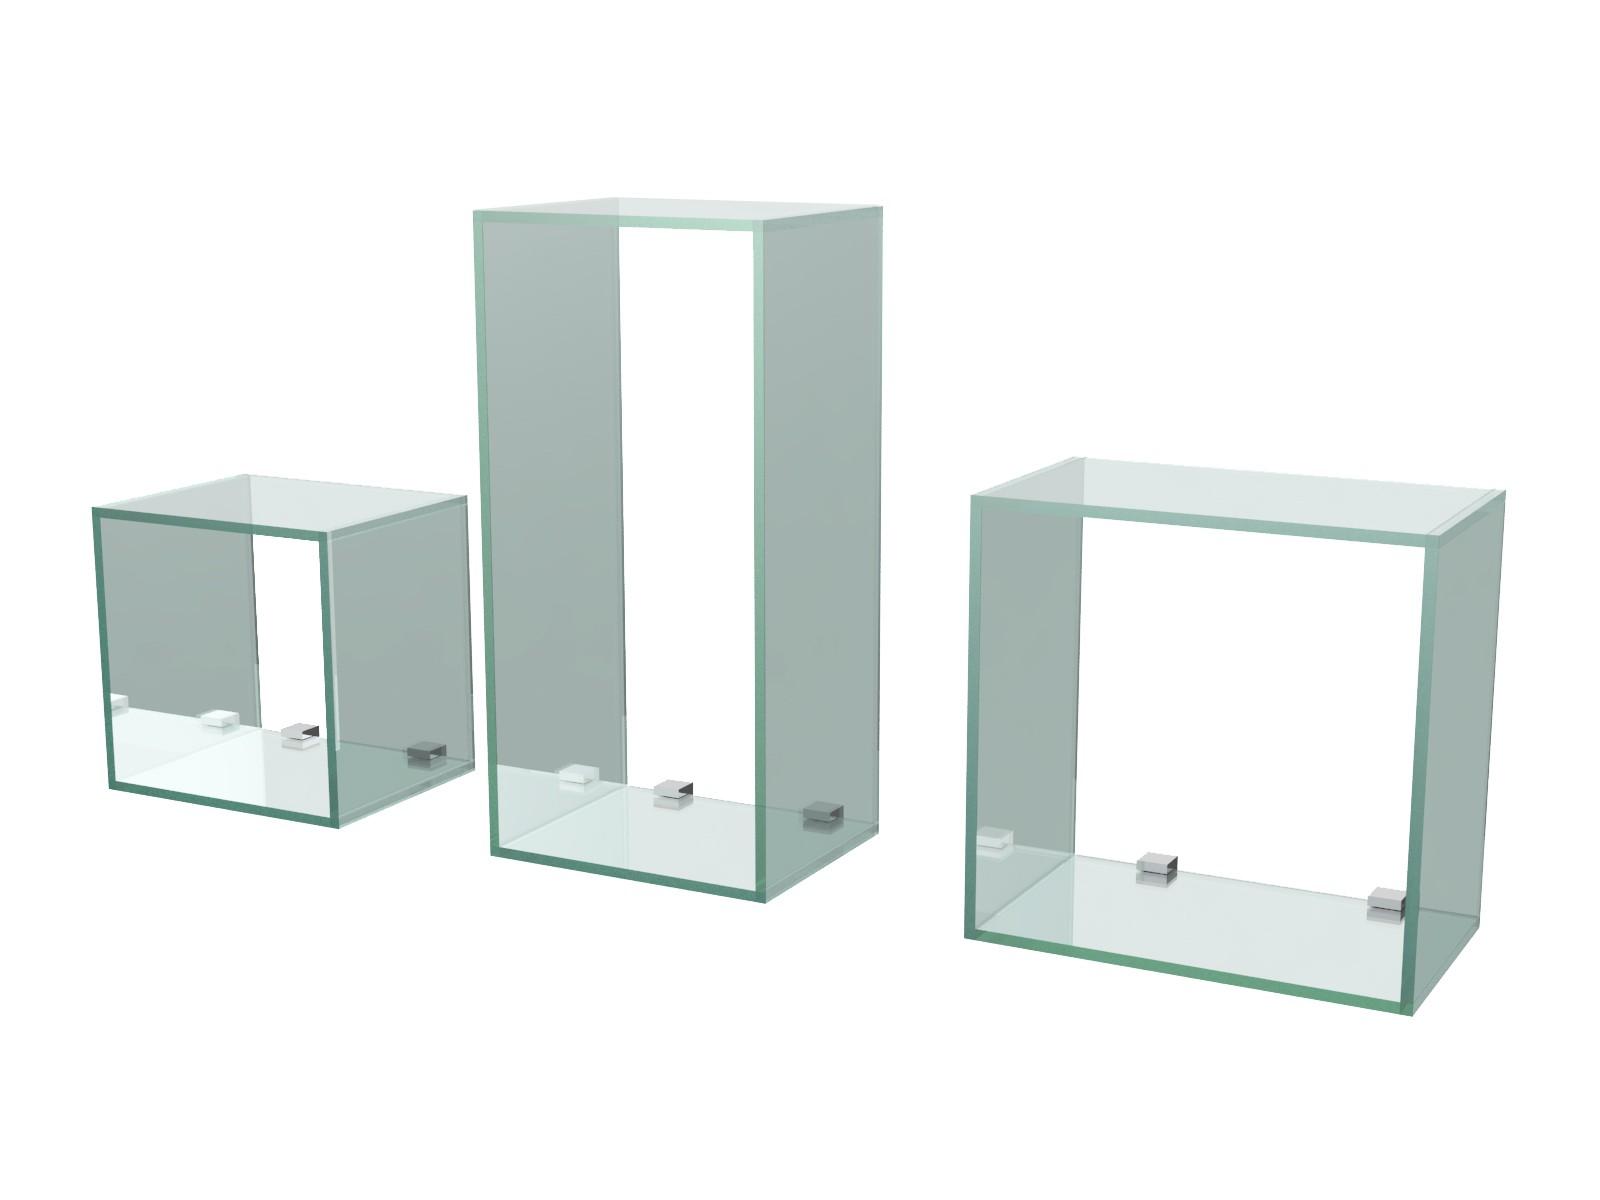 Mensole design cubi in vetro in diverse misure inclusi supporti ebay - Mensole in vetro per soggiorno ...